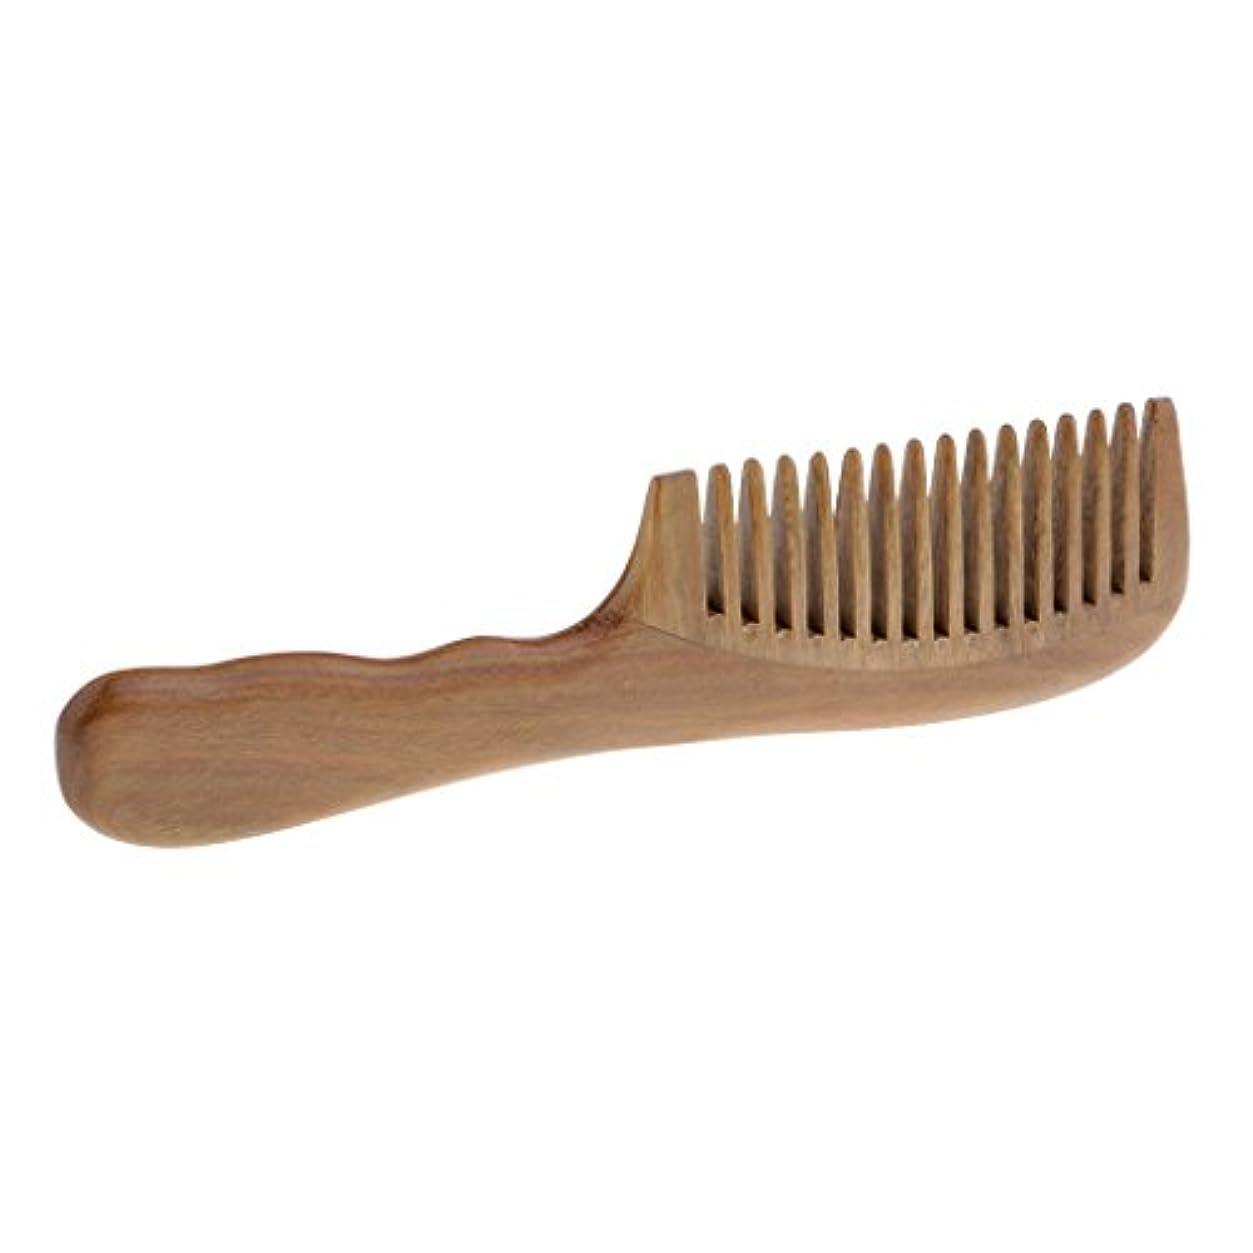 レッスンスタック精査するヘアコーム くし コーム 木製 木製櫛 頭皮マッサージ ヘアケア 帯電防止2タイプ選べる - 広い歯